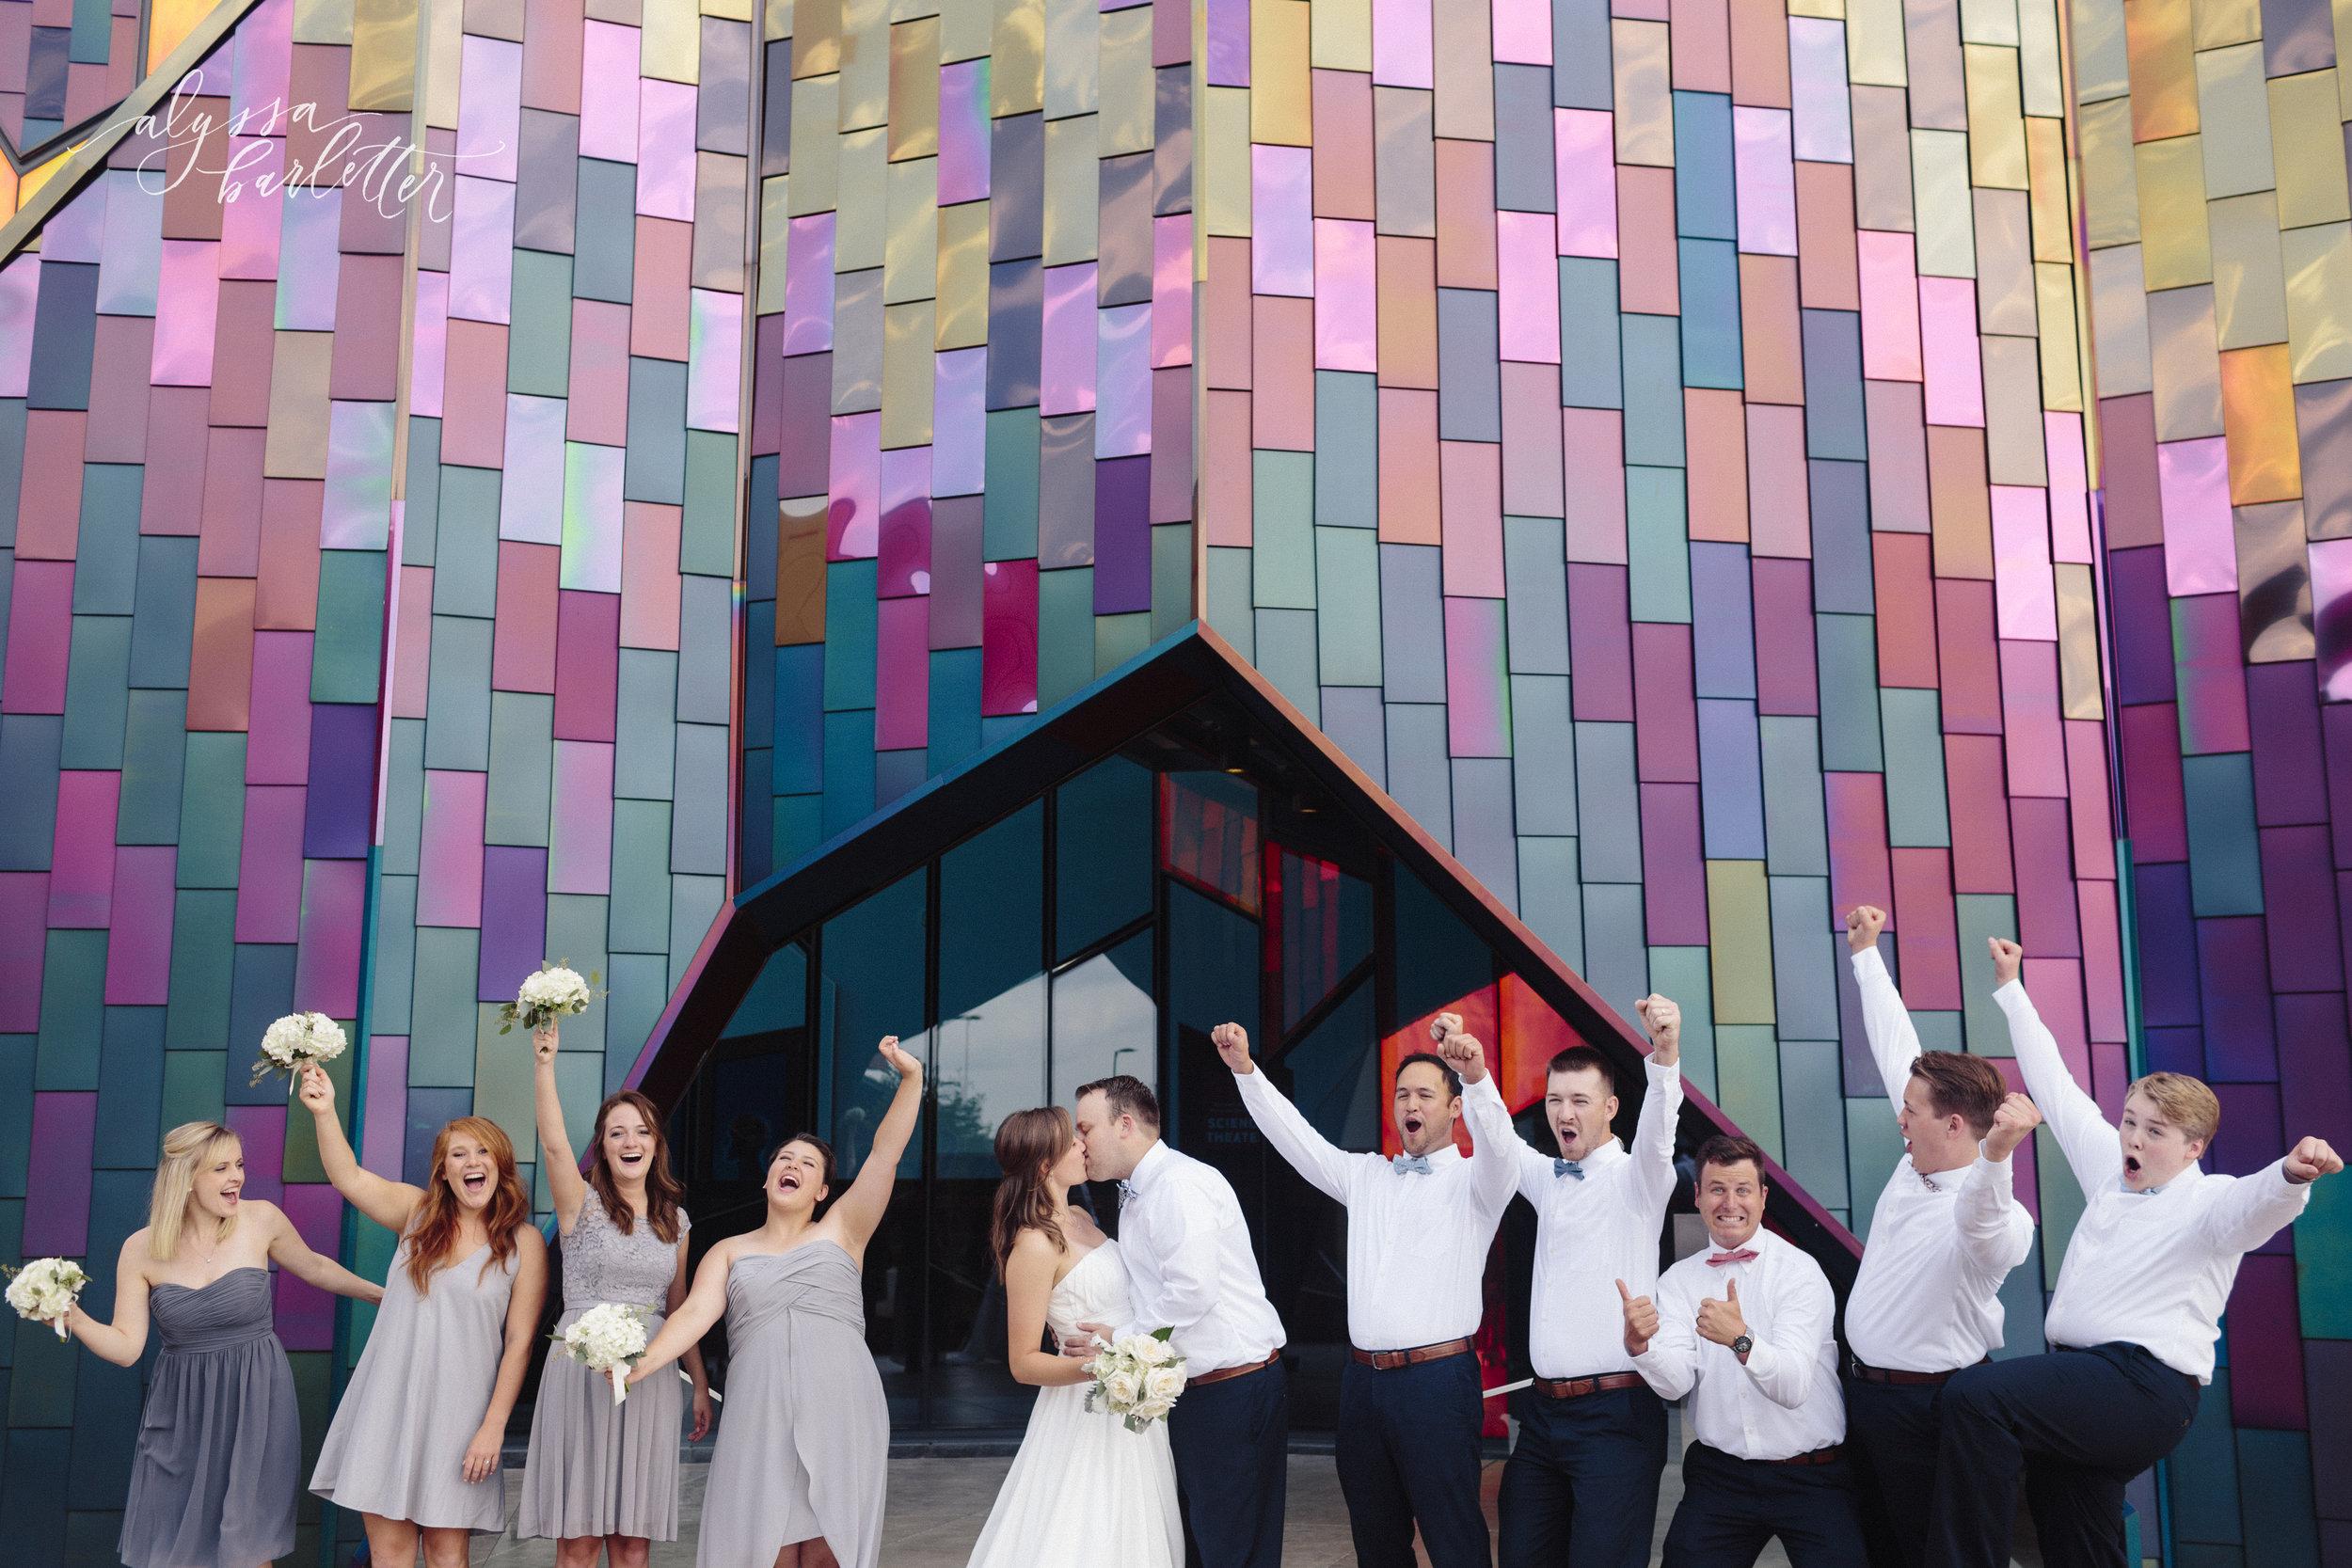 kansas city missouri wedding photographer prairiefire museum kansas bridal party bride groom